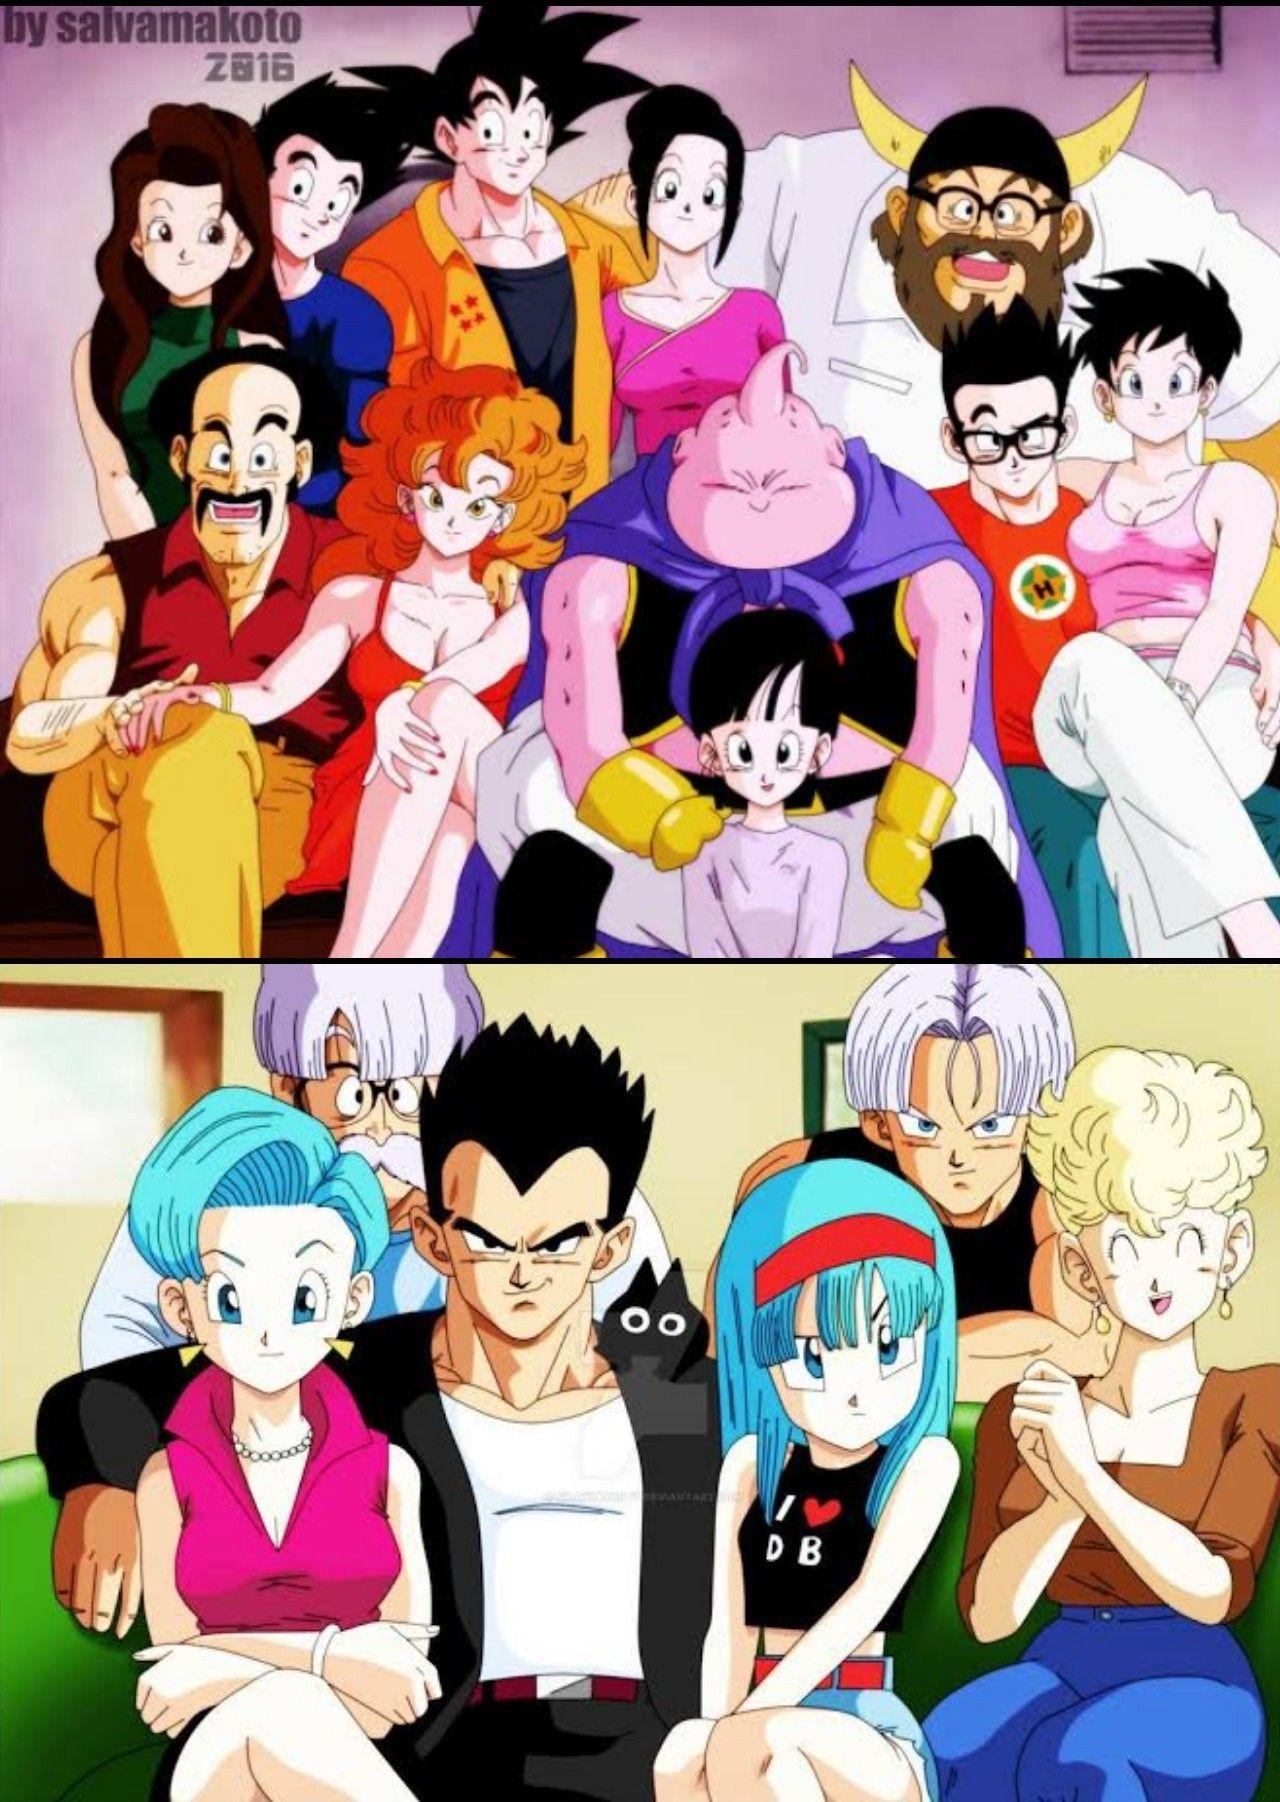 Family Dragon Ball Wallpaper Iphone Anime Dragon Ball Dragon Ball Image